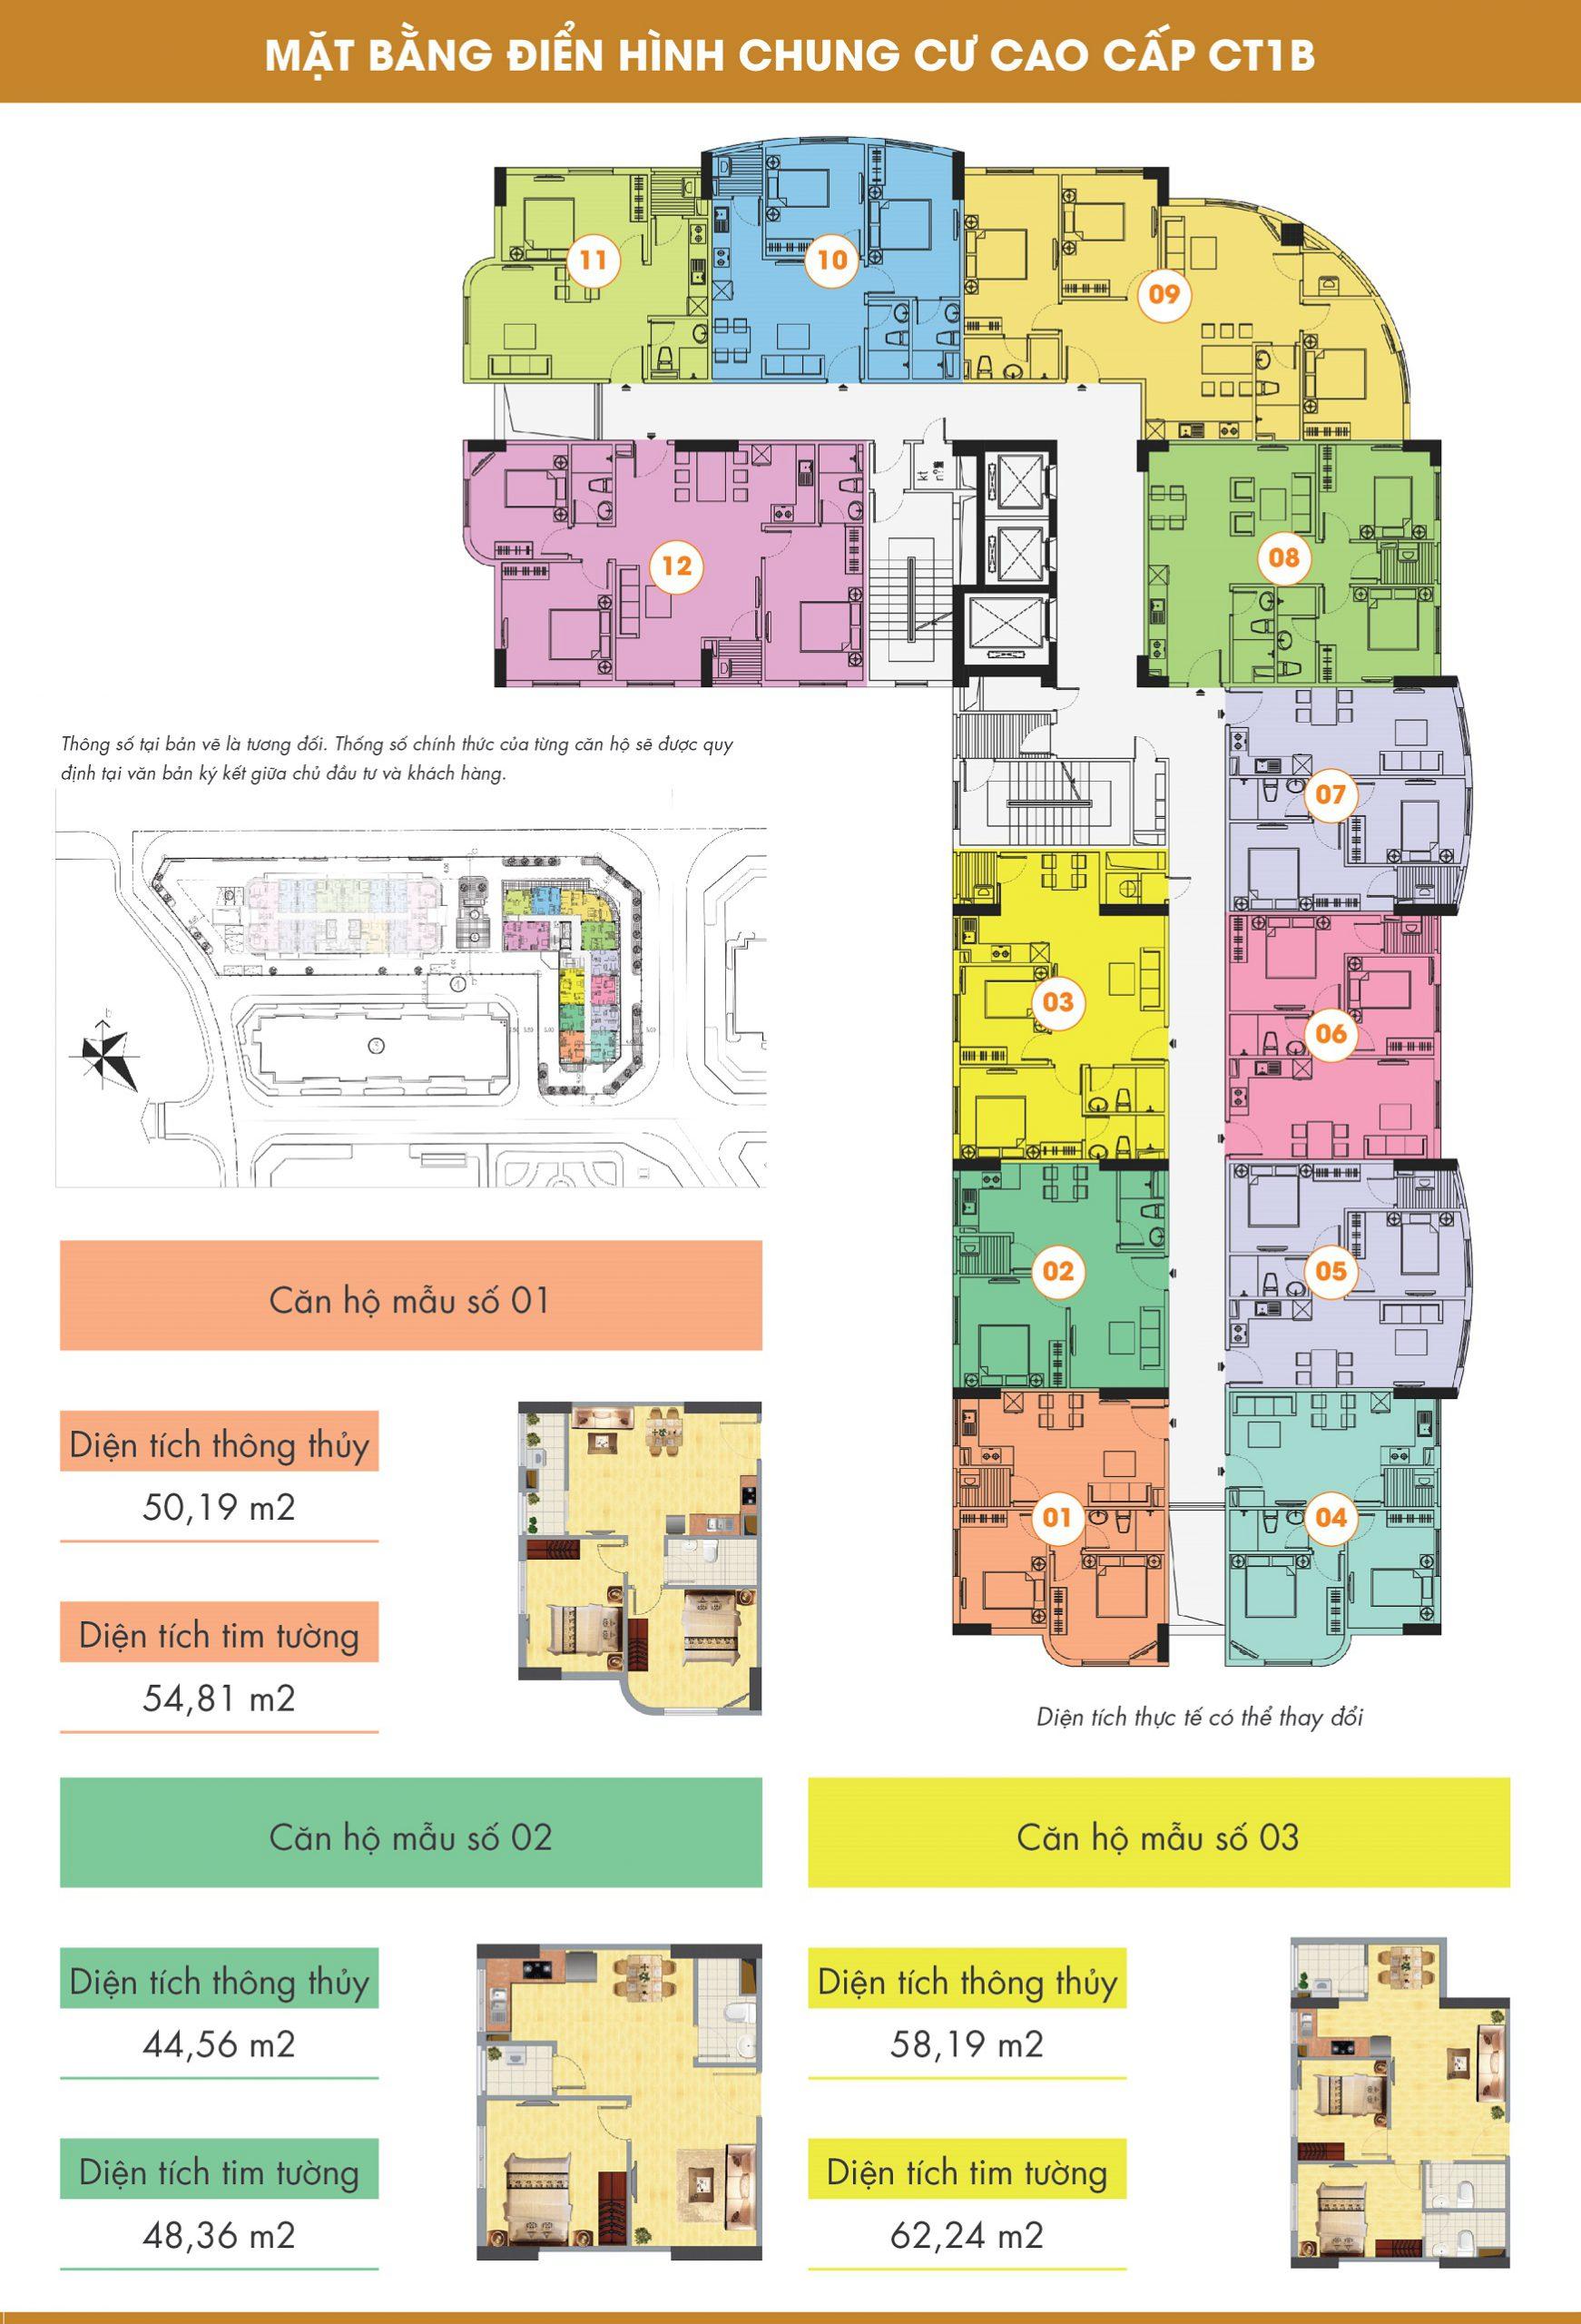 Mặt bằng thiết kế chung cư CT1B Nghĩa Đô